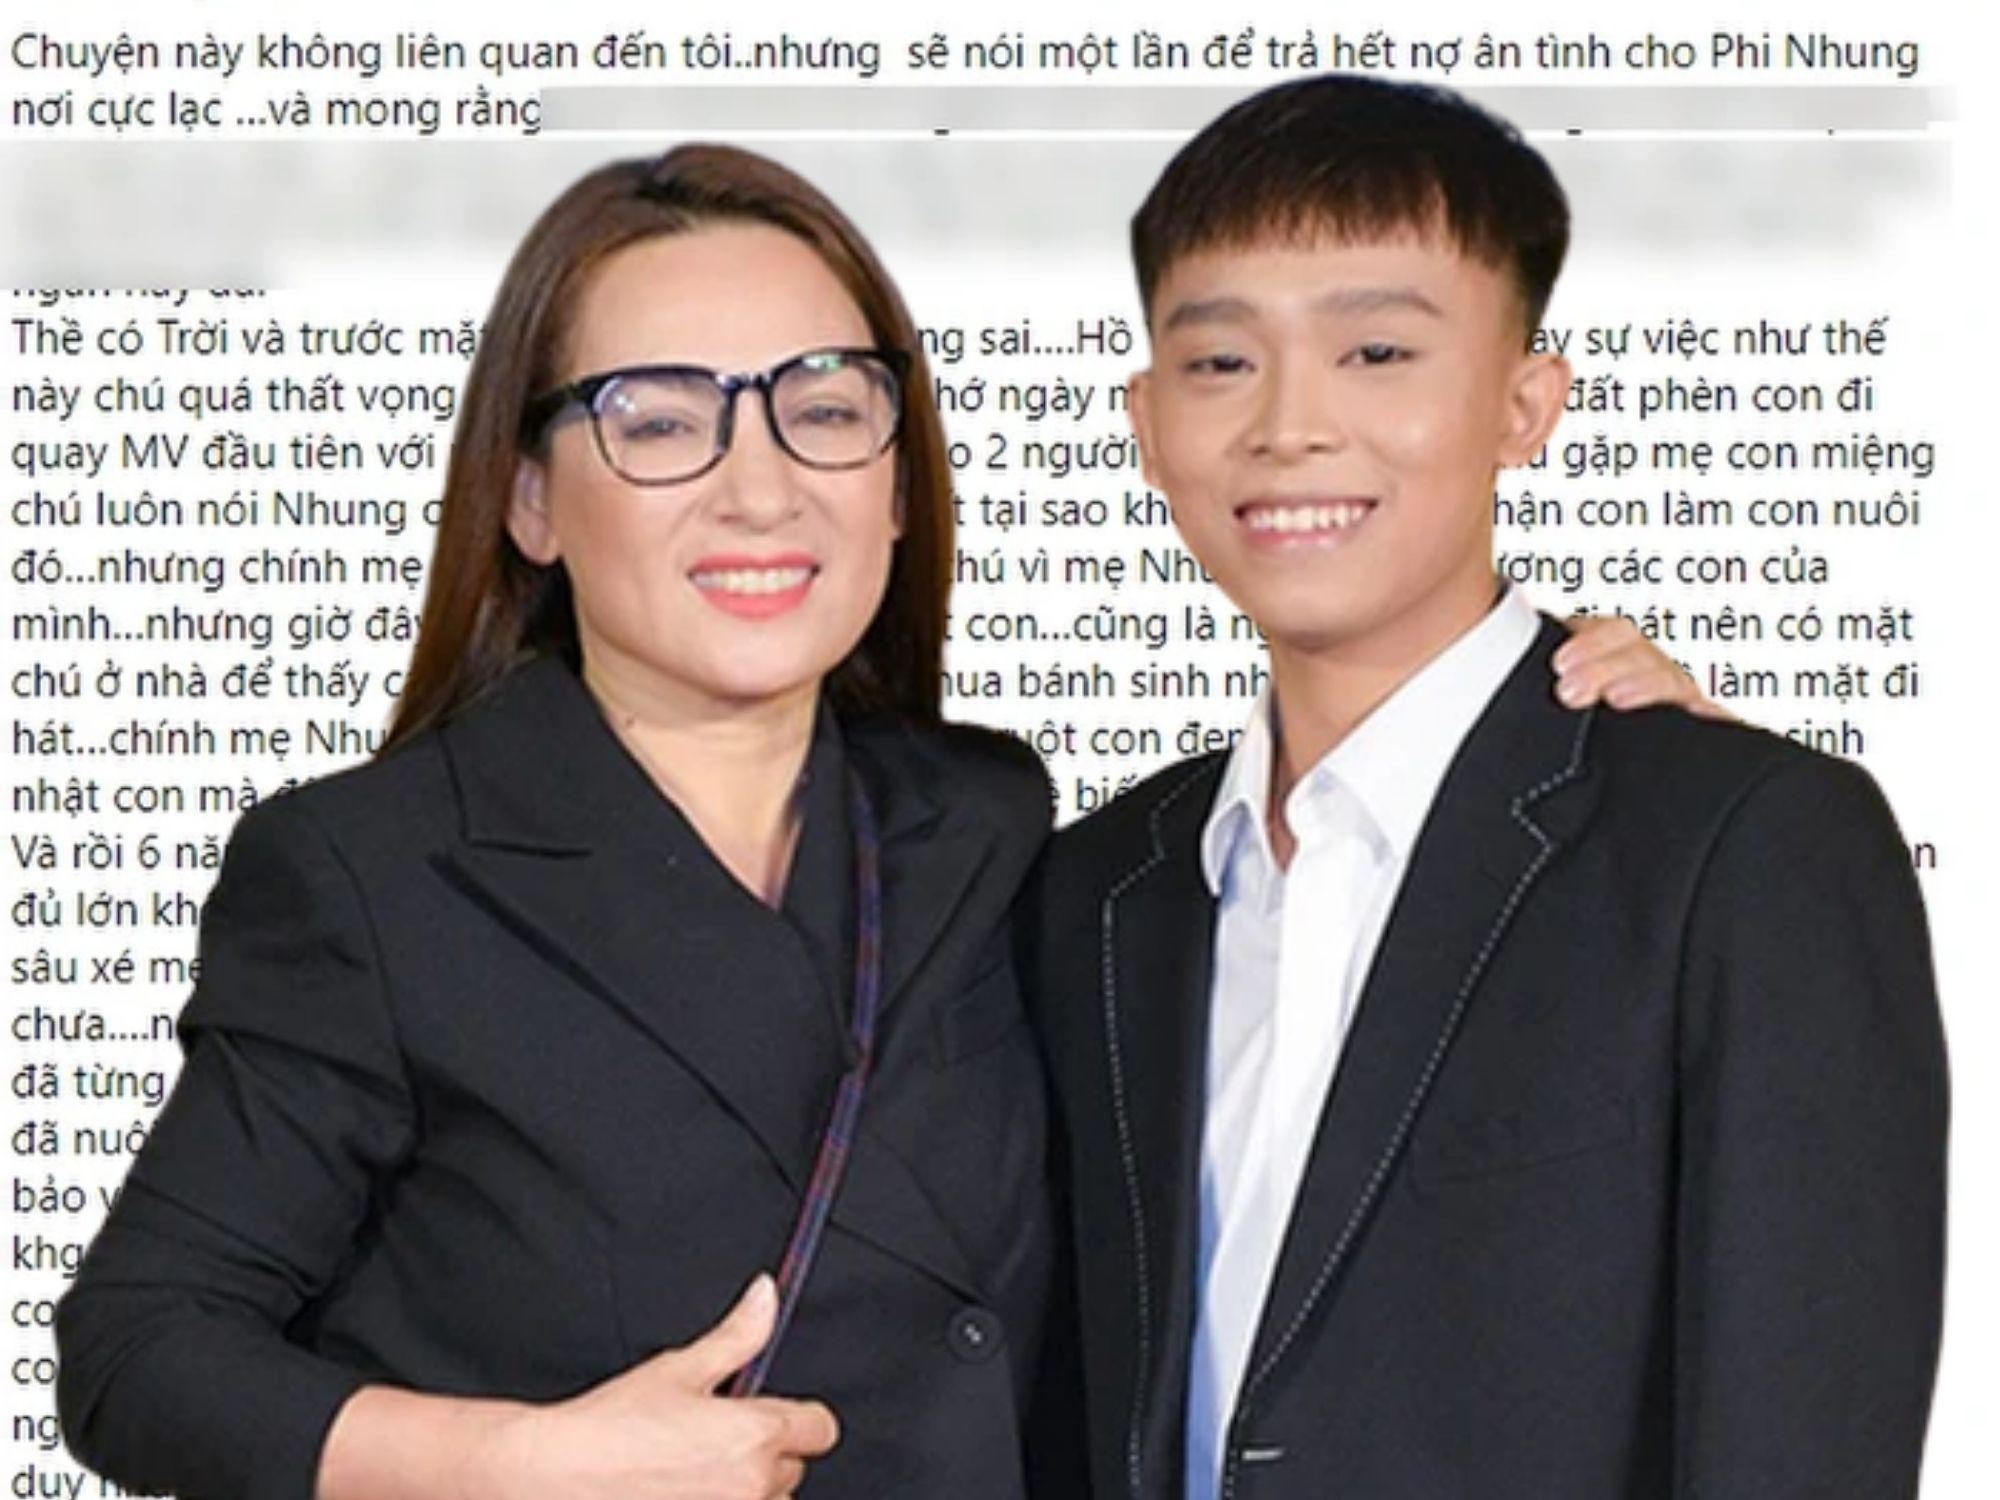 Bạn thân cố NS Phi Nhung lên tiếng trách móc Hồ Văn Cường: 'Phi Nhung đã sai khi nhận con làm con nuôi'